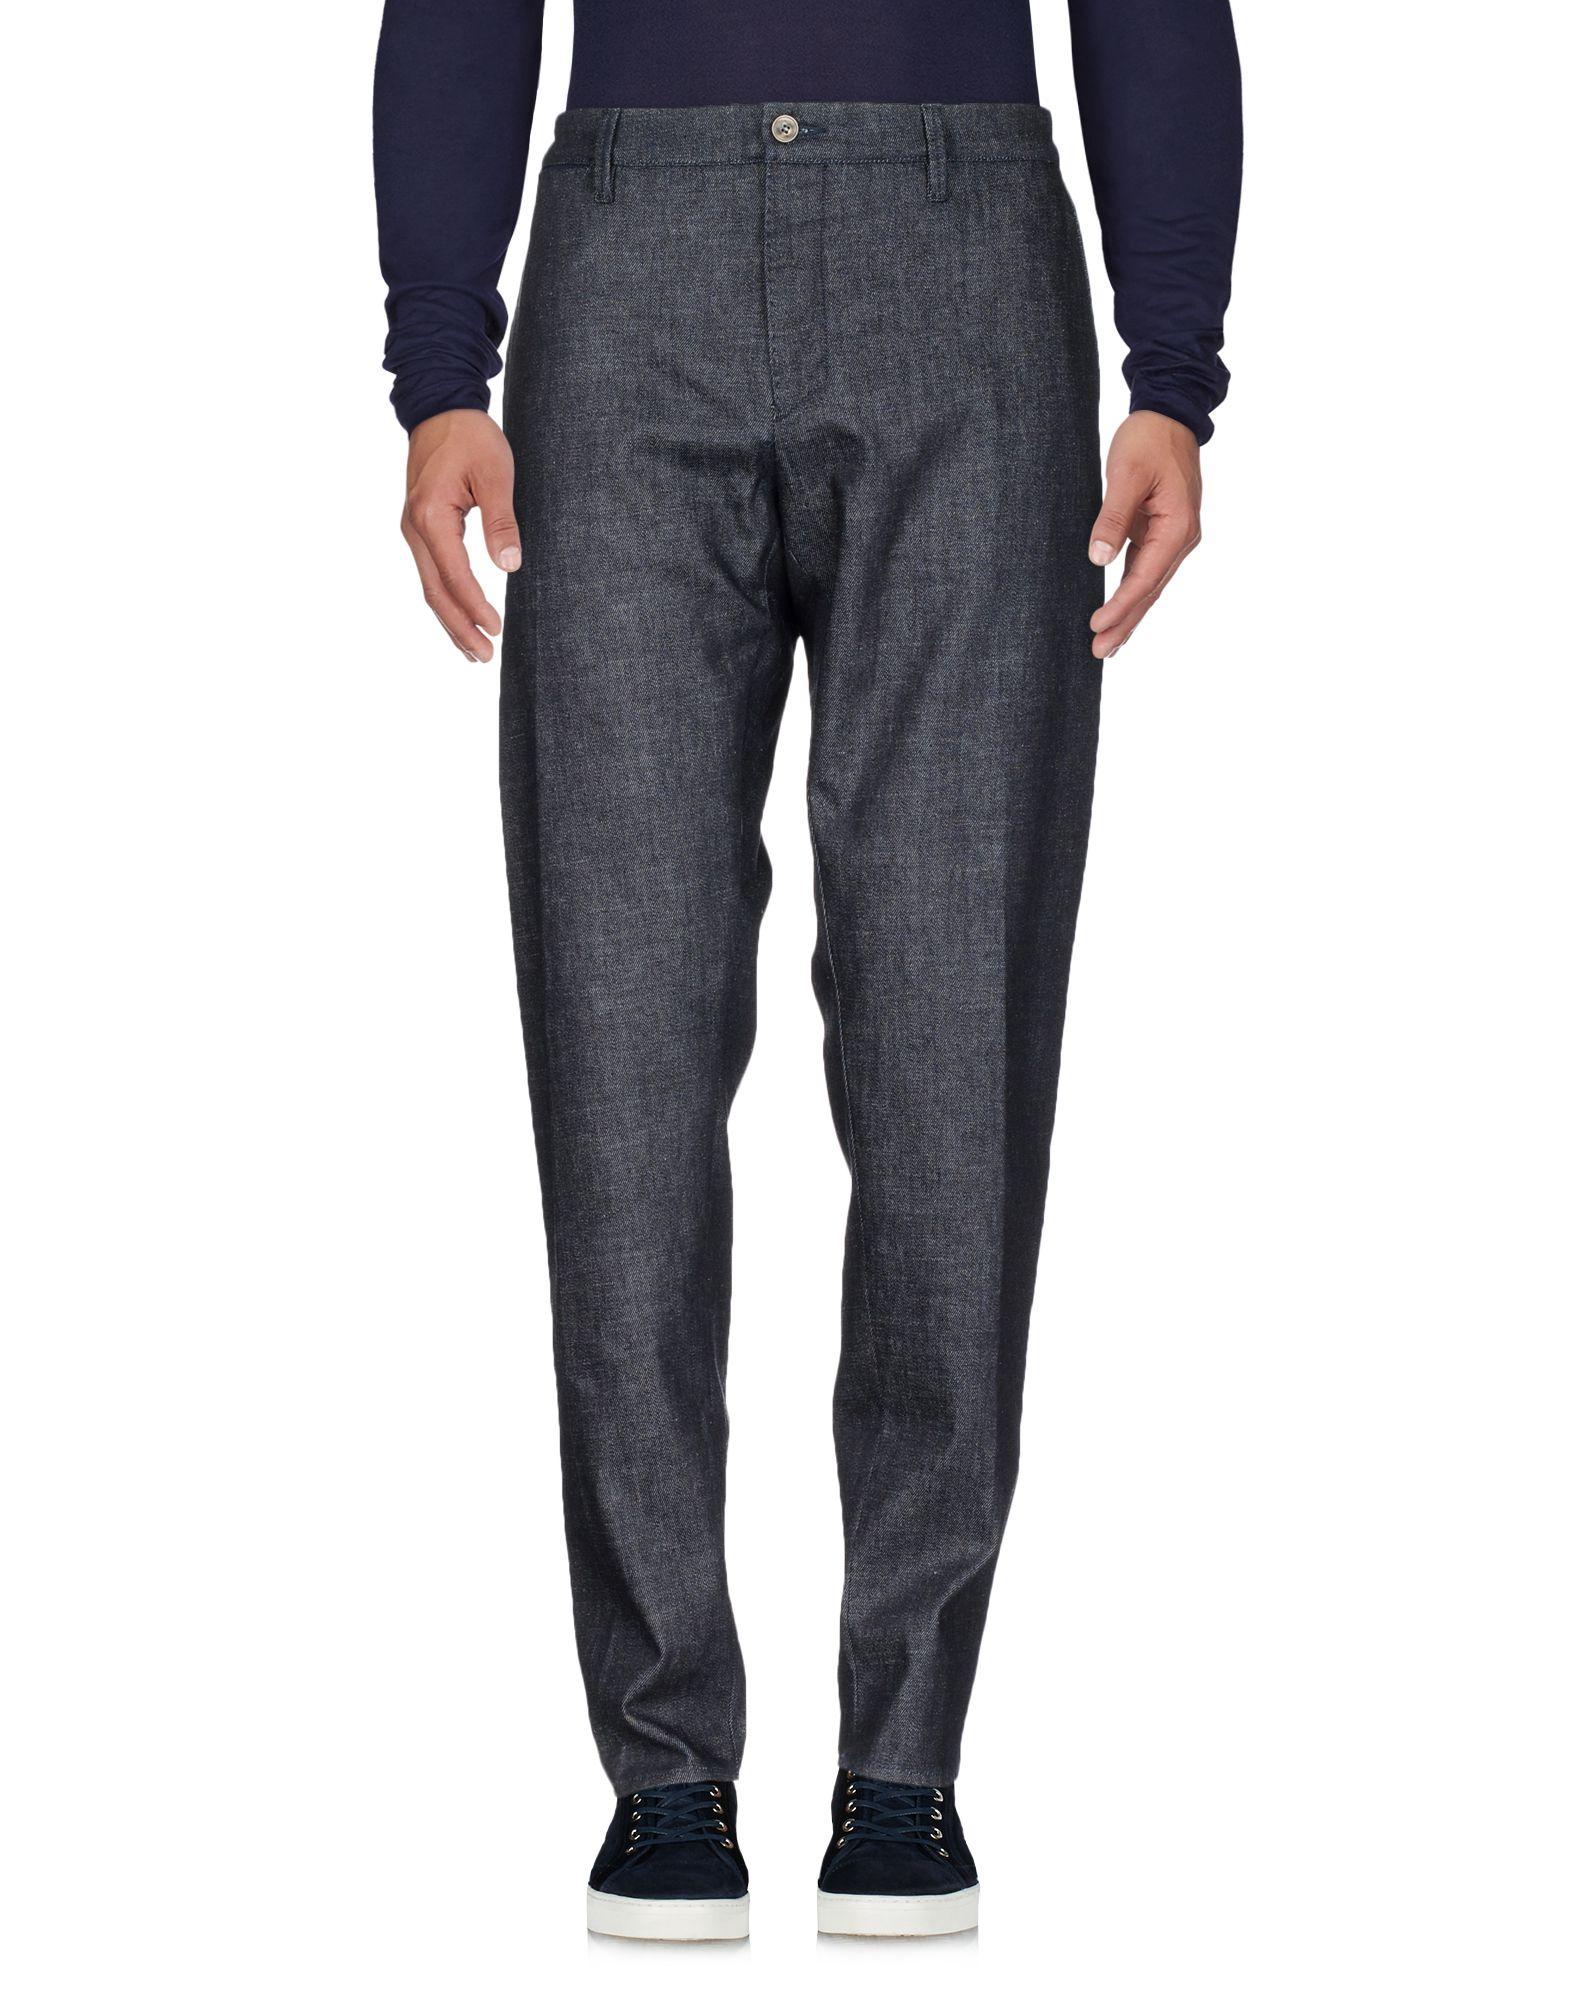 Pantaloni Jeans Bianchetti Donna - Acquista online su